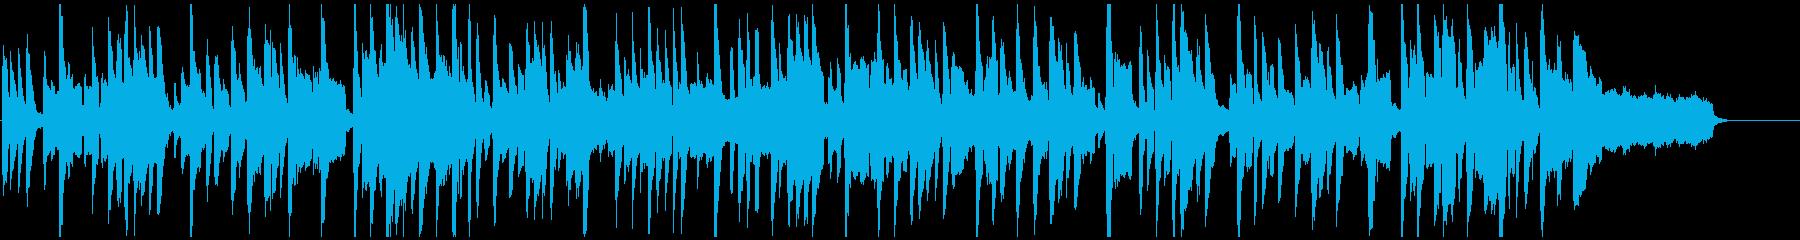 昭和アニメ的ほのぼの日常シーン、コメディの再生済みの波形